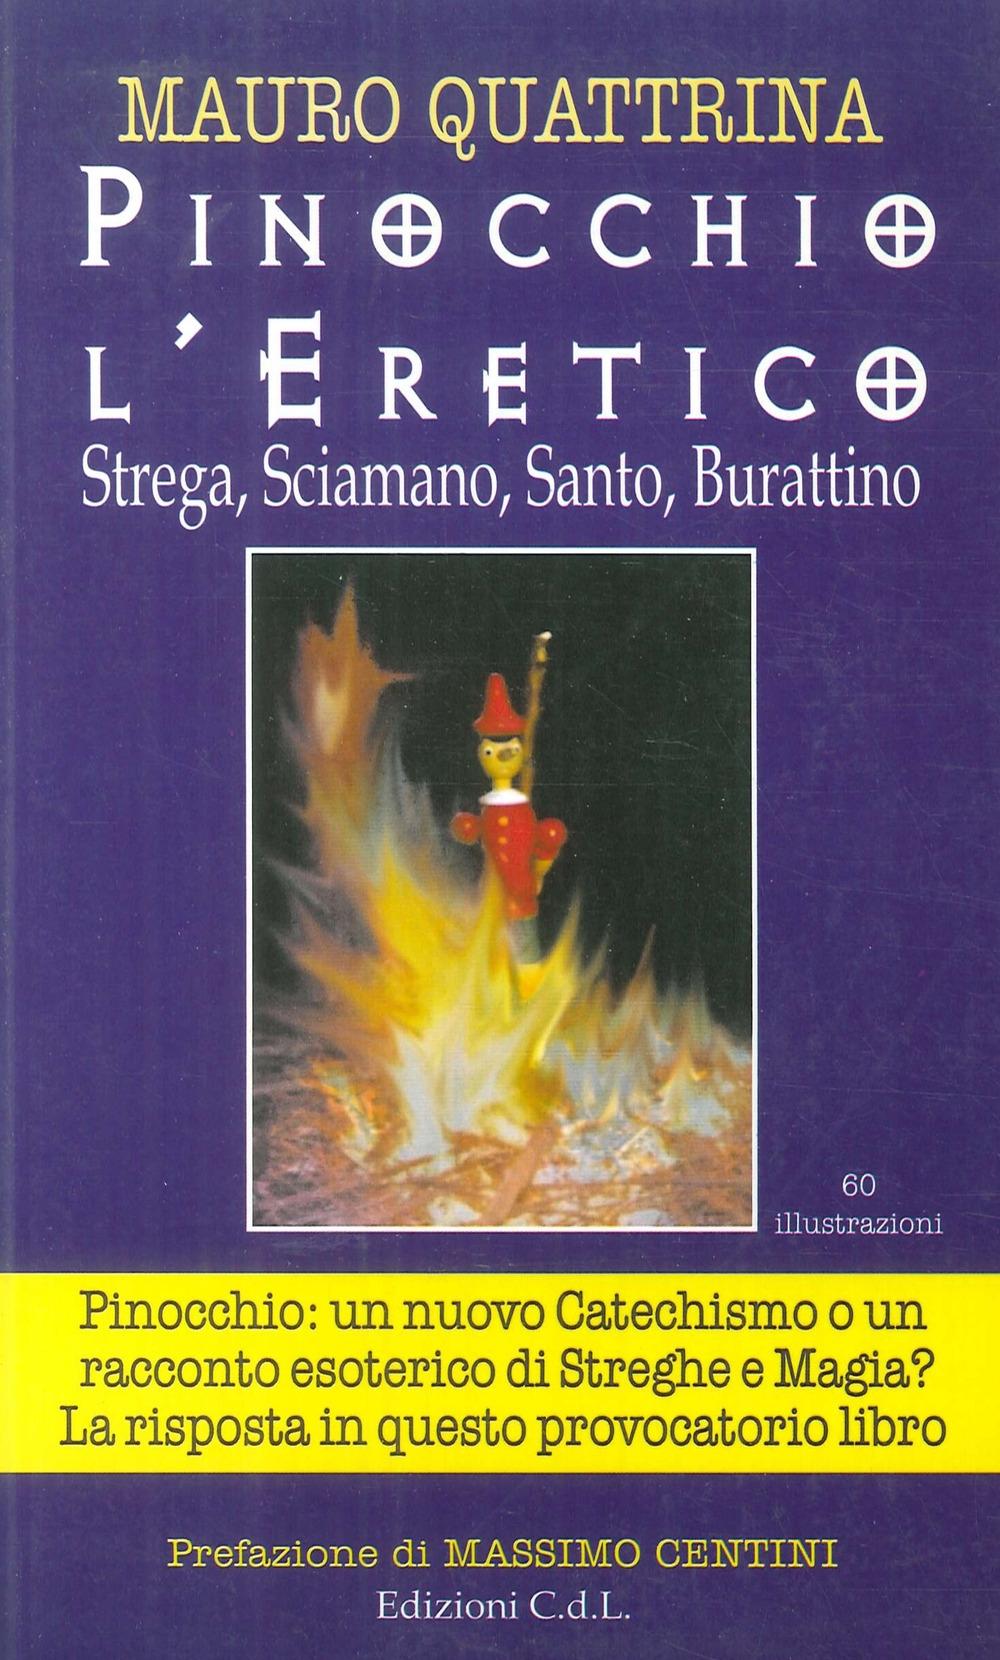 Pinocchio l'eretico. Strega, sciamano, santo, burattino